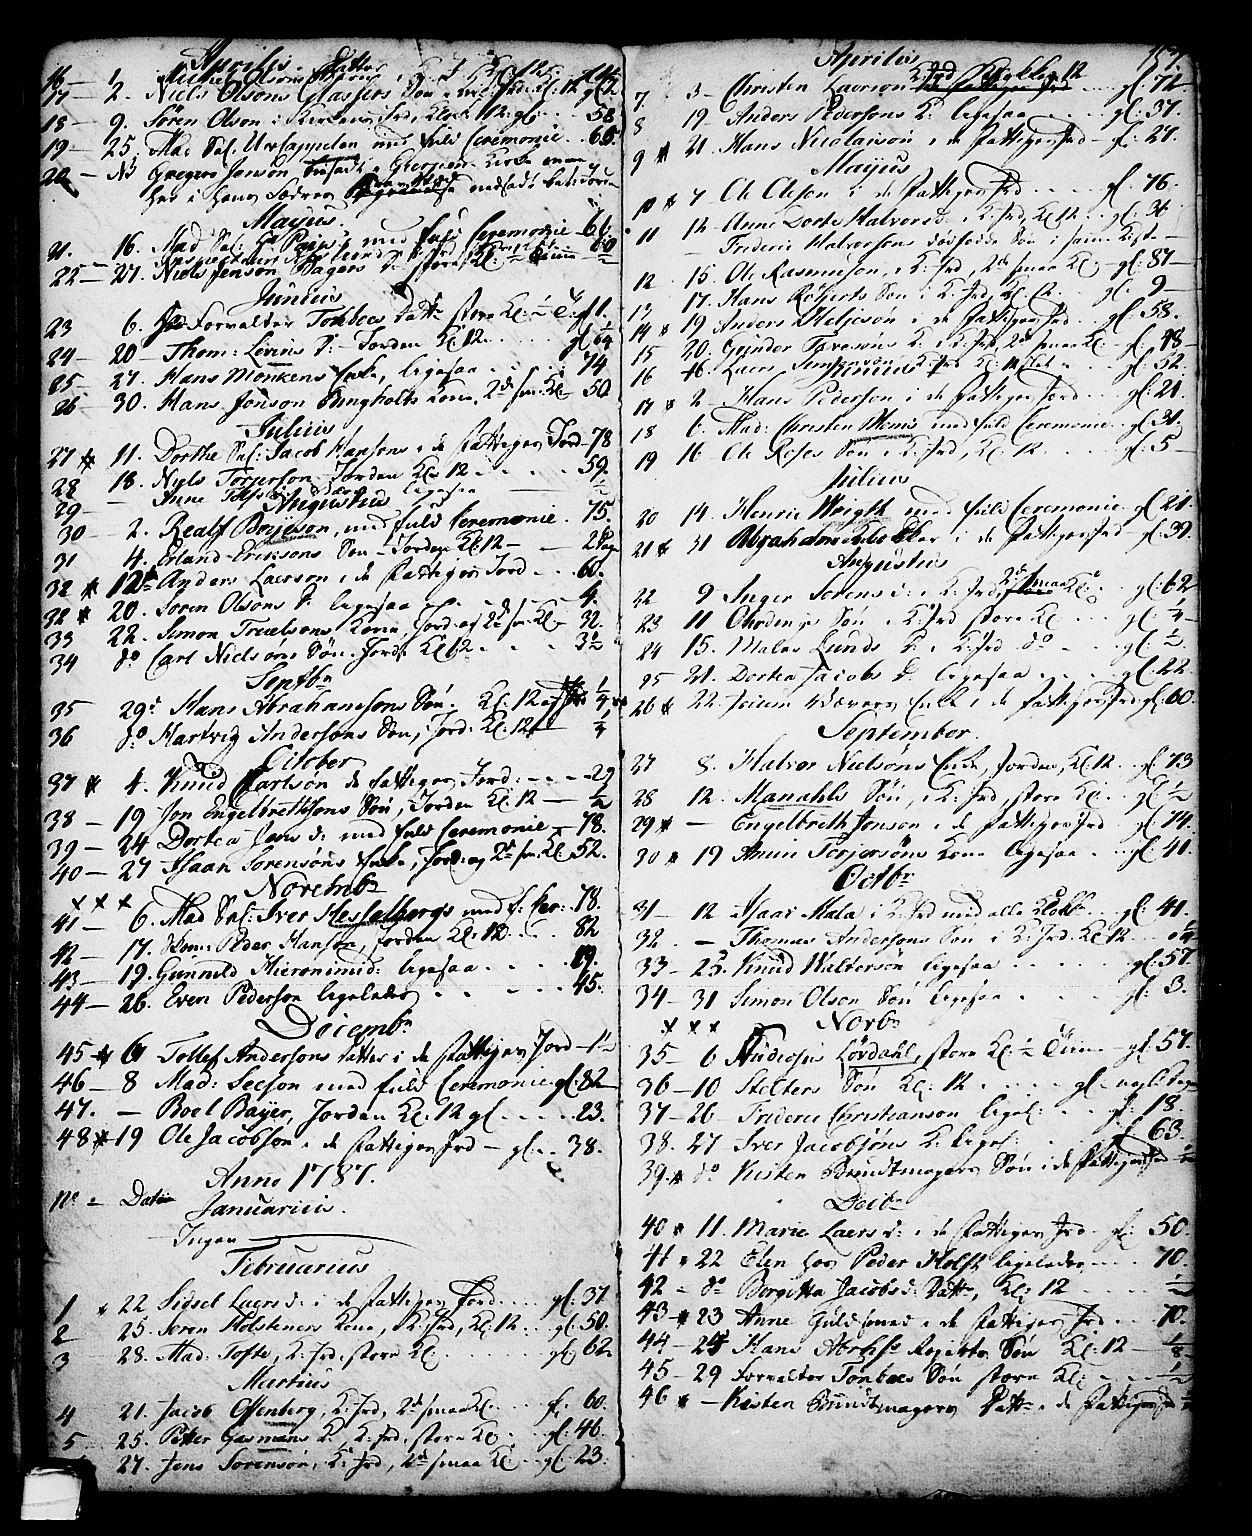 SAKO, Skien kirkebøker, G/Ga/L0001: Klokkerbok nr. 1, 1756-1791, s. 157